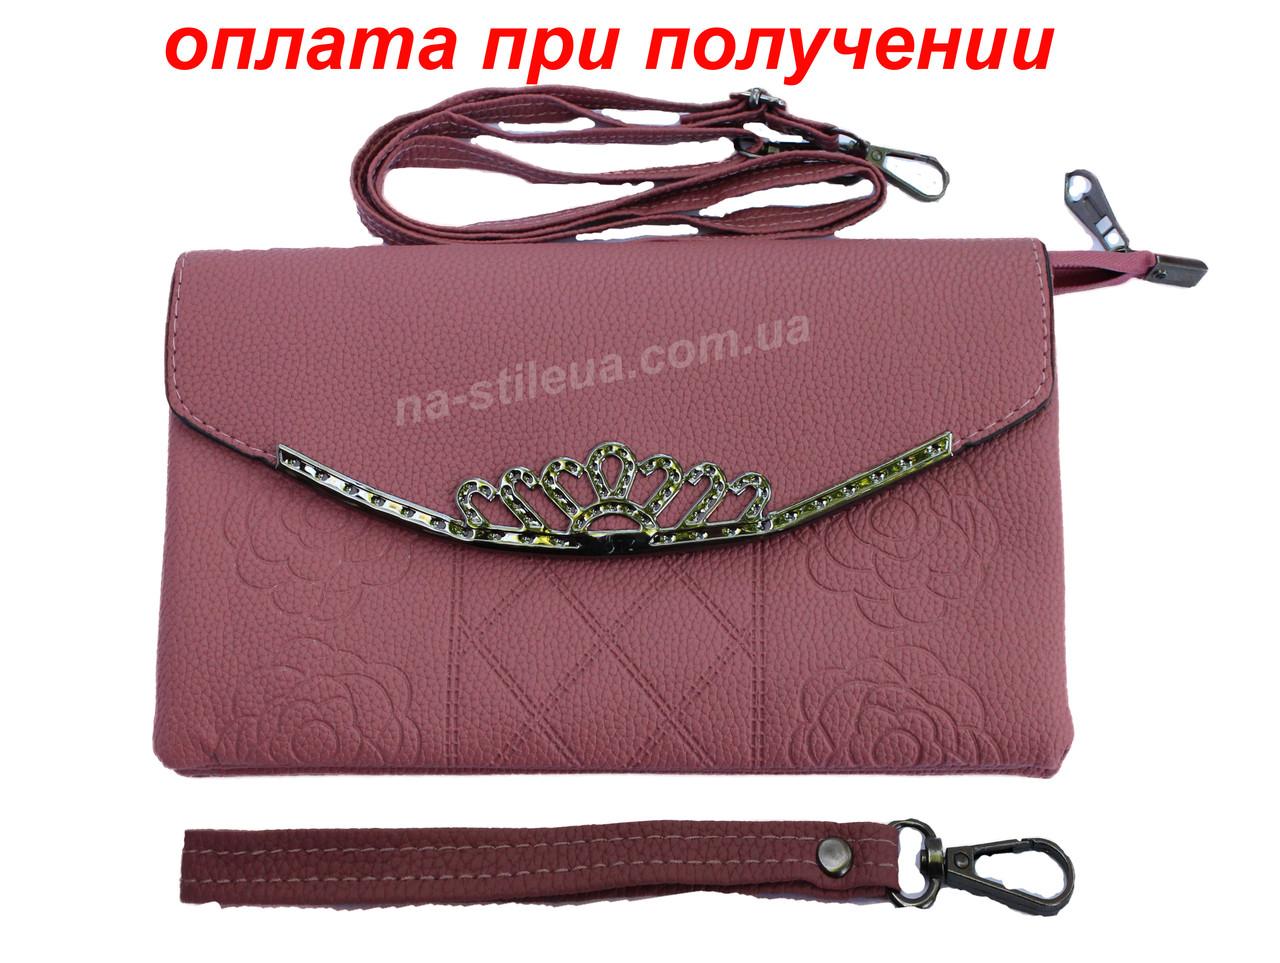 Женский кожаный клатч мини женская сумка кошелек шкіряна через плечо Candy